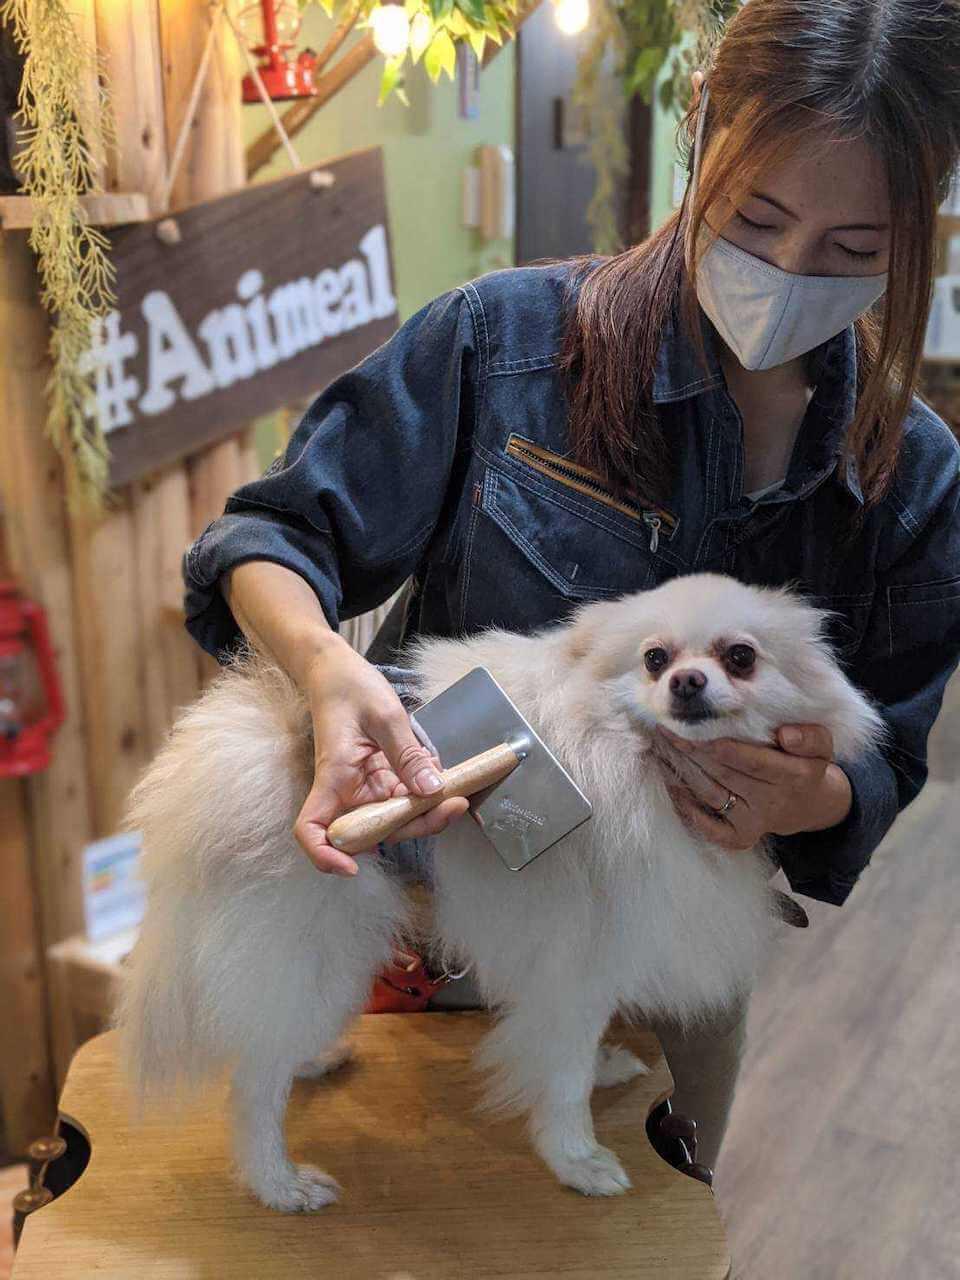 小型犬にブラッシングする様子 by 動物カフェAnimeal(アニミル)の飼育体験イベント